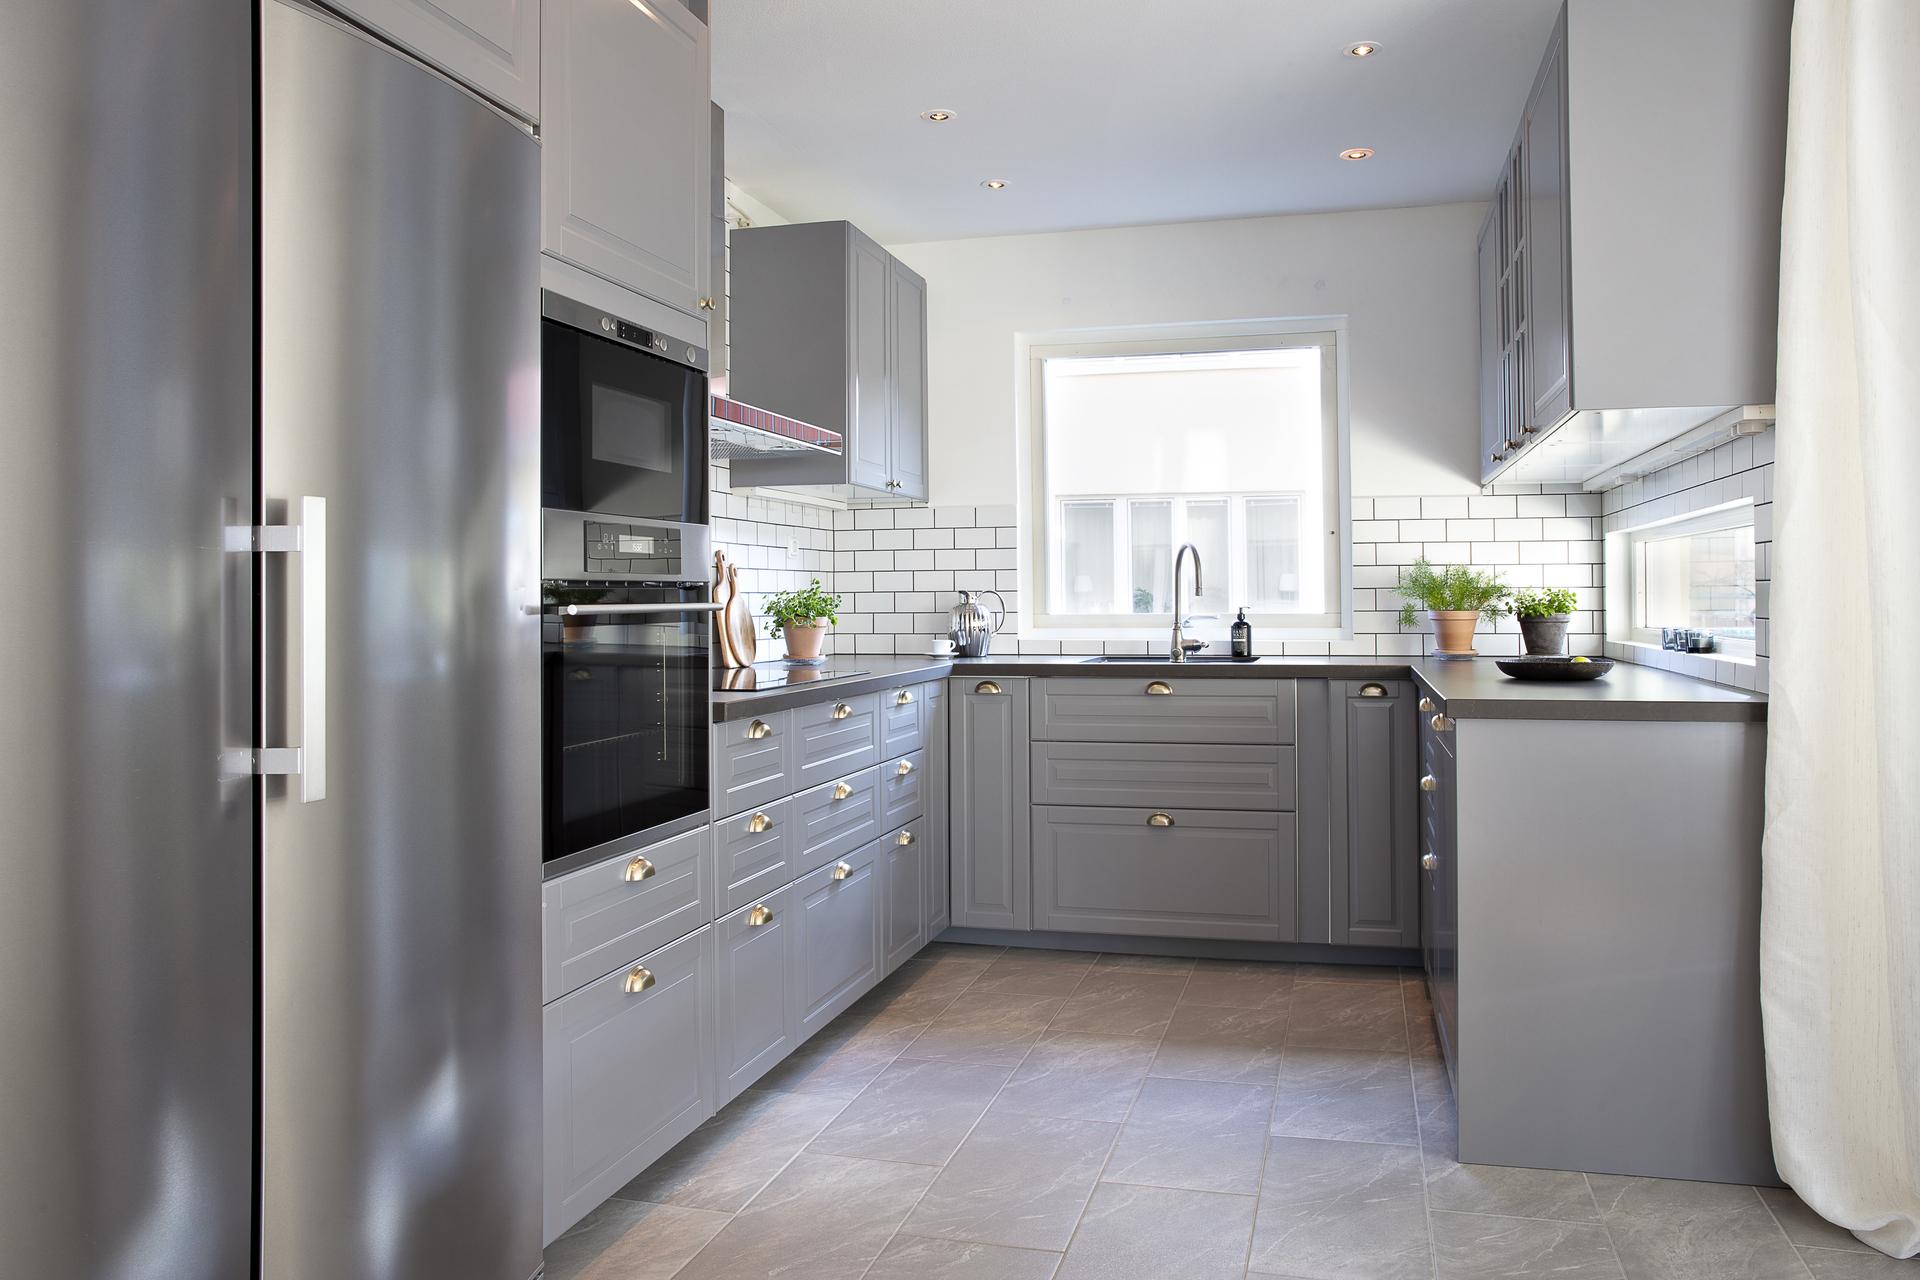 Det är ett stilrent kök som går i gråa toner med fönster ut mot gården i söder